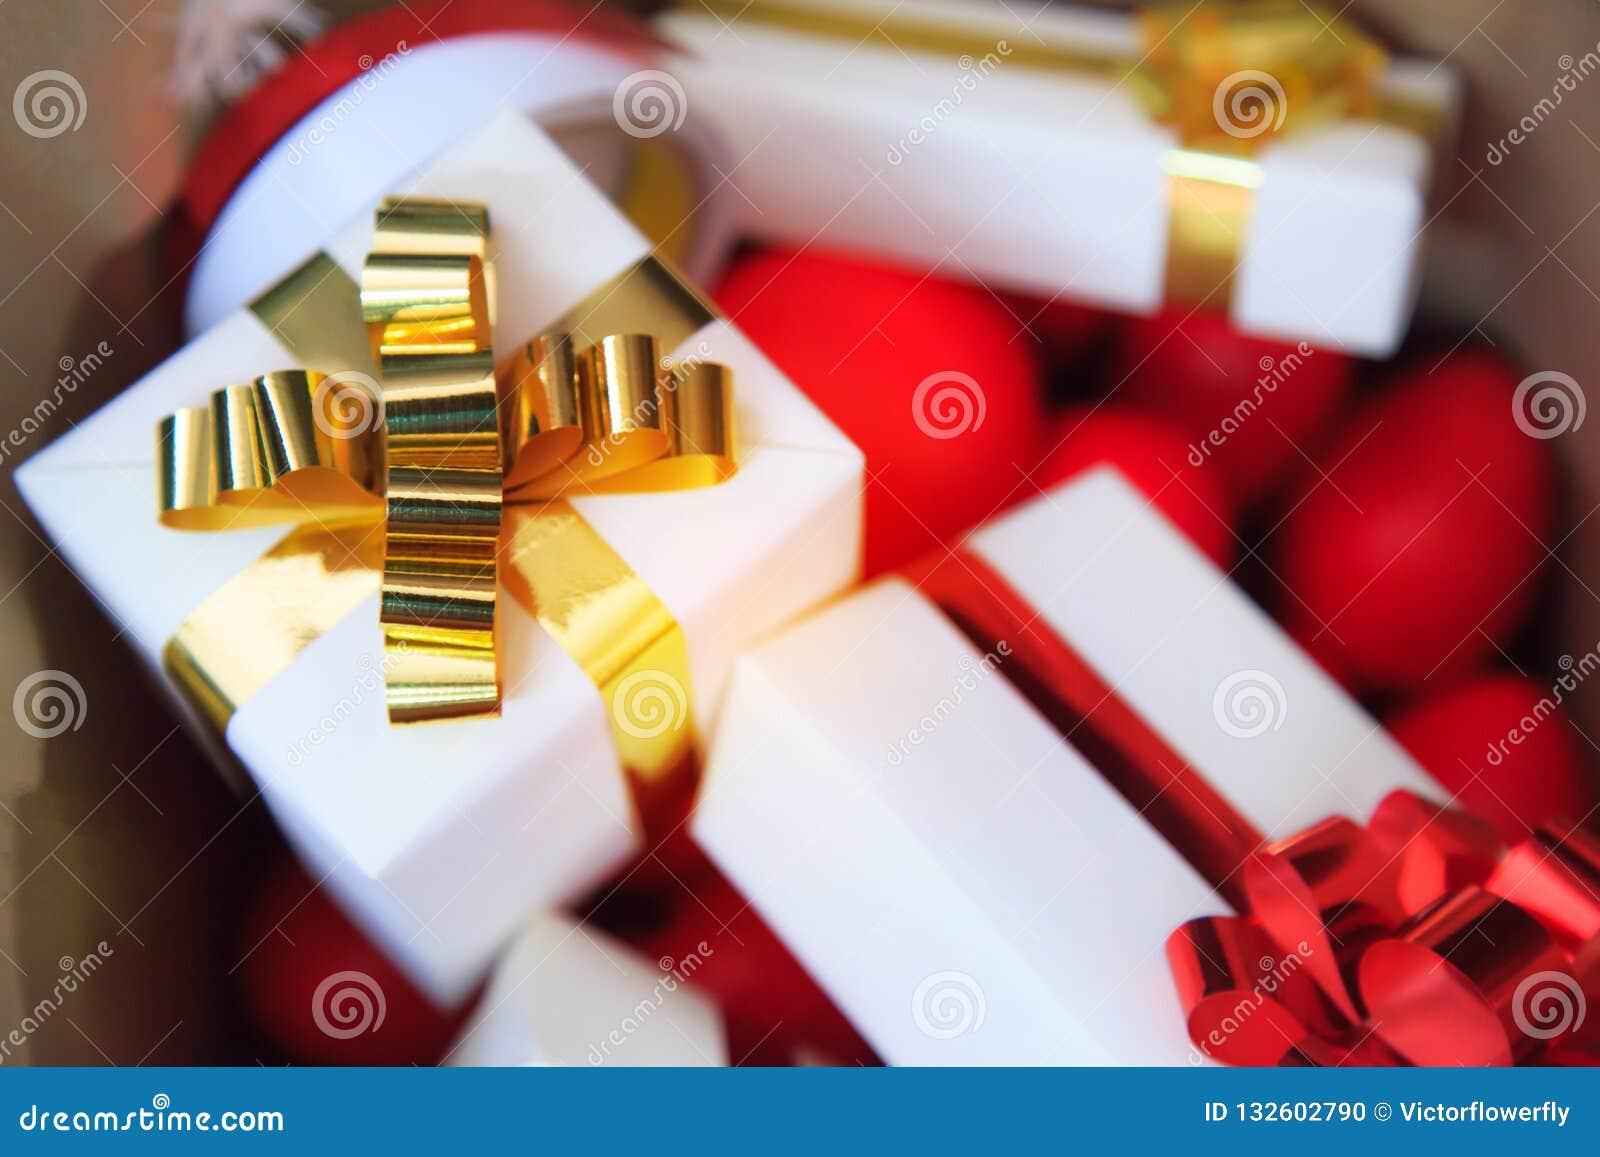 Pacotes e corações vermelhos nas caixas atuais do saco marrom com ouro e fitas vermelhas como caixas de presente de época natalíc